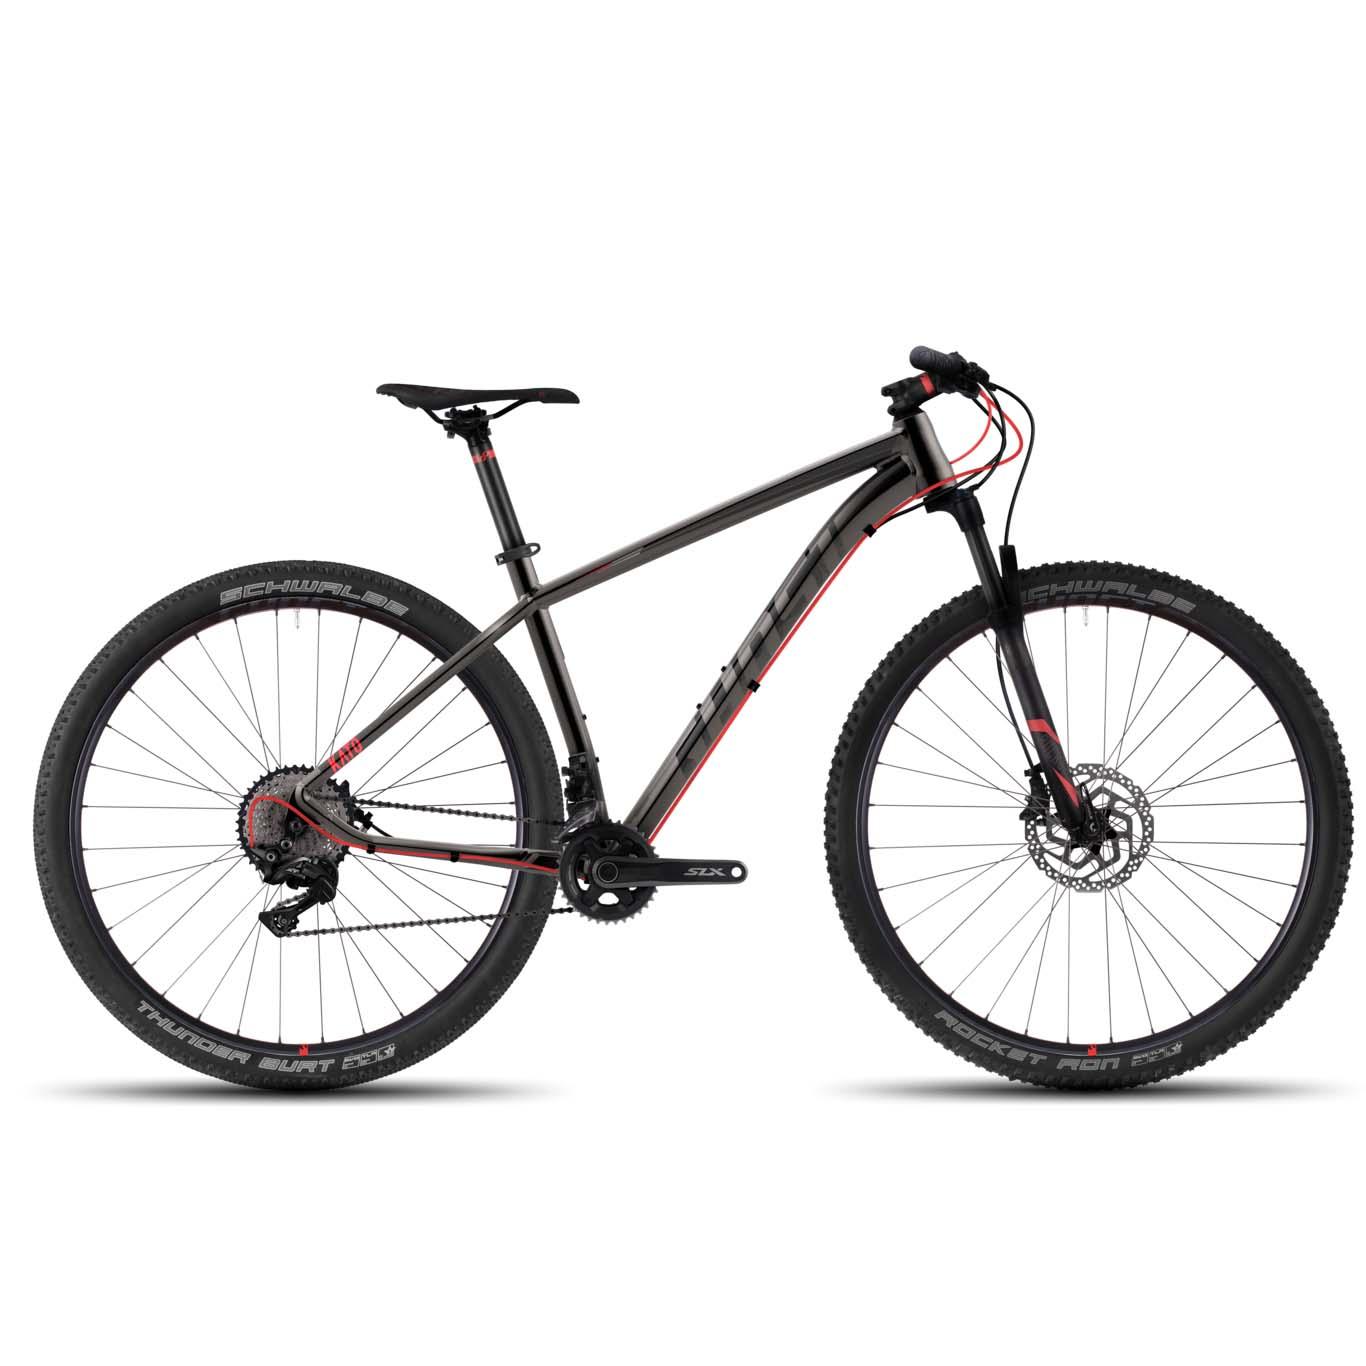 Фото Велосипед Ghost Kato X 6.9 29″ , рама M, 2019